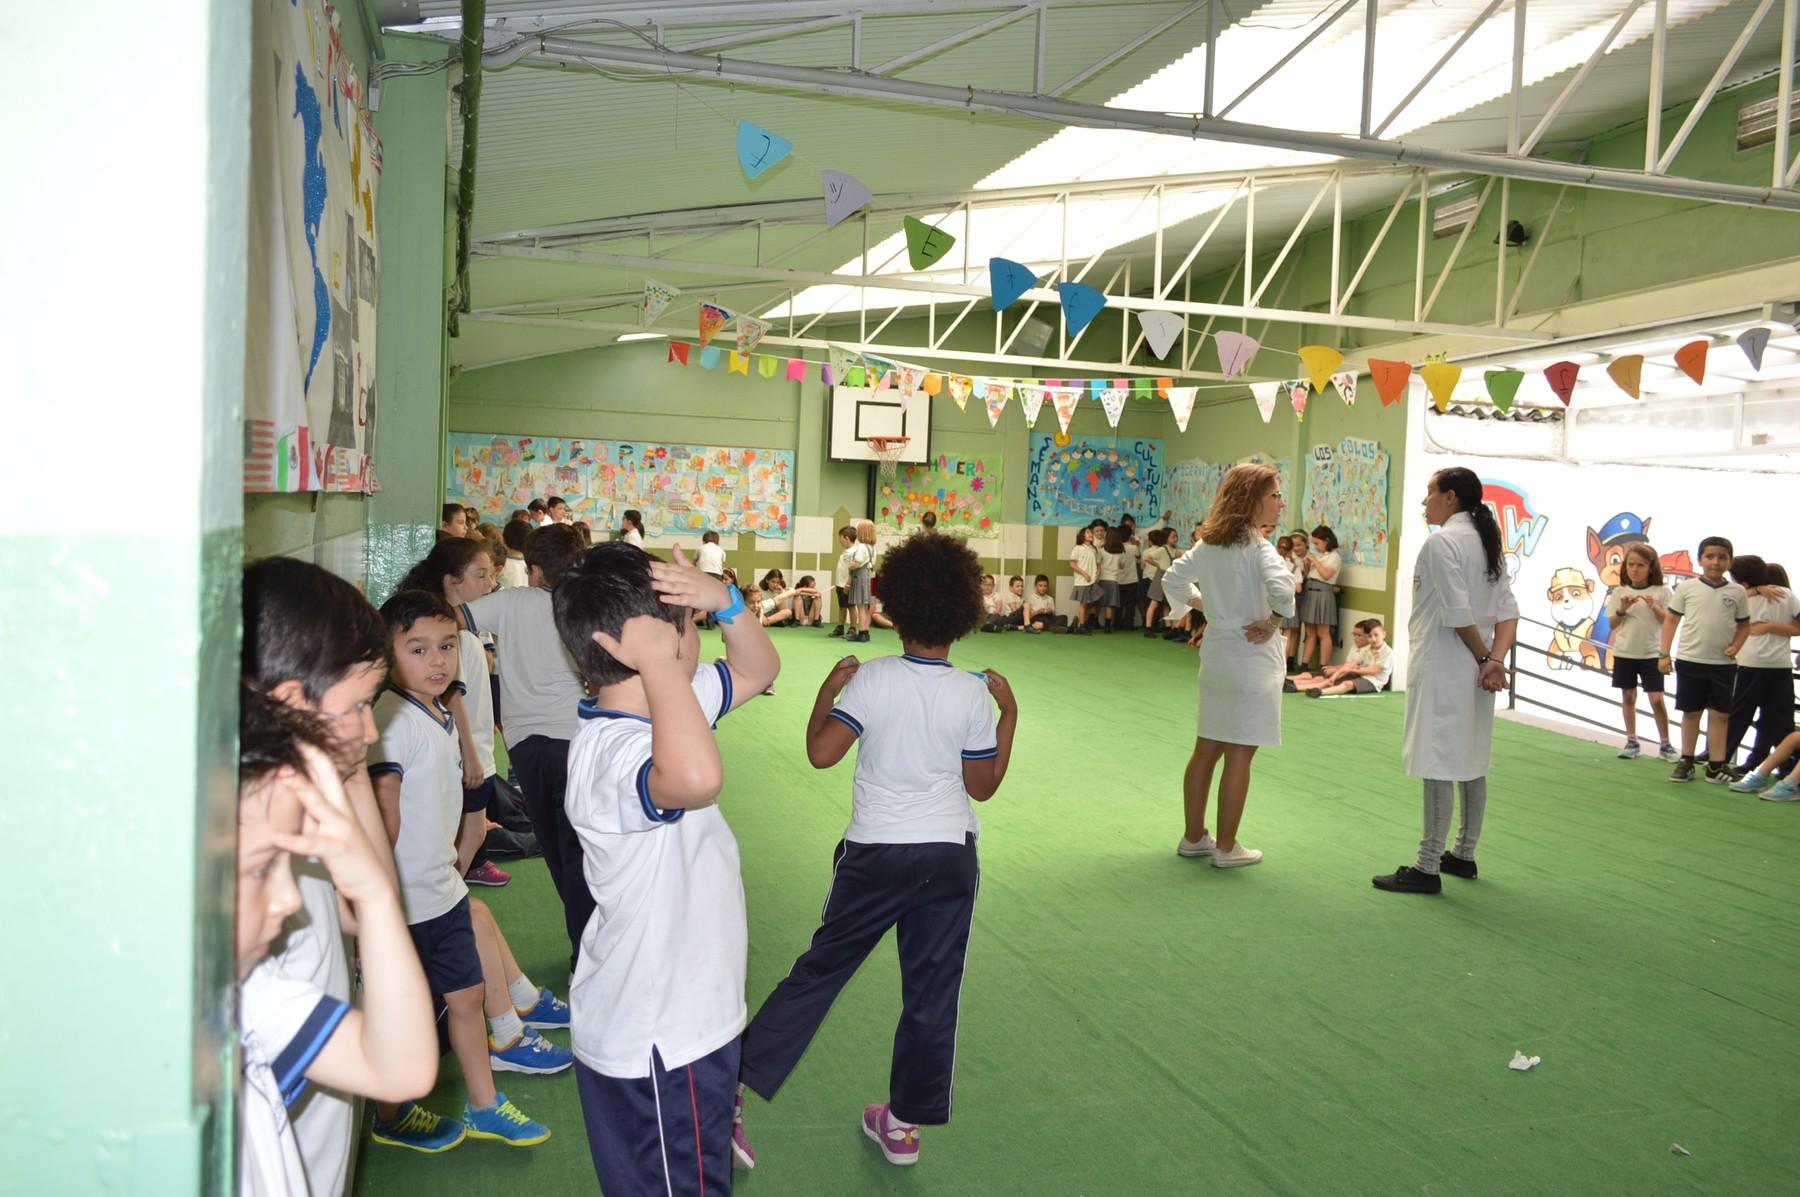 Infantil Primaria Diplomas Calle Madrid 2017 1